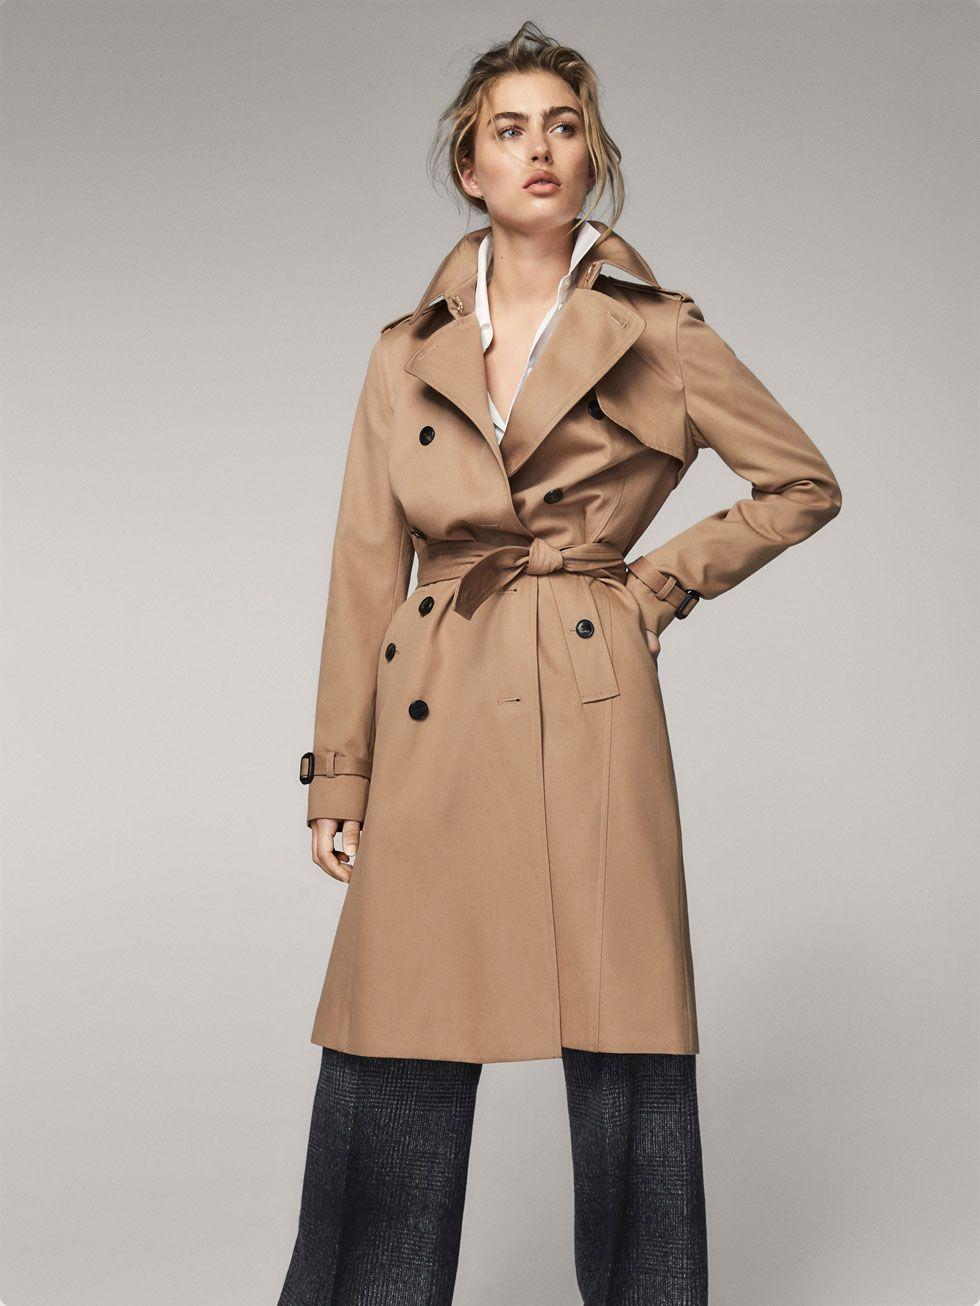 Manteau massimo dutti femme beige